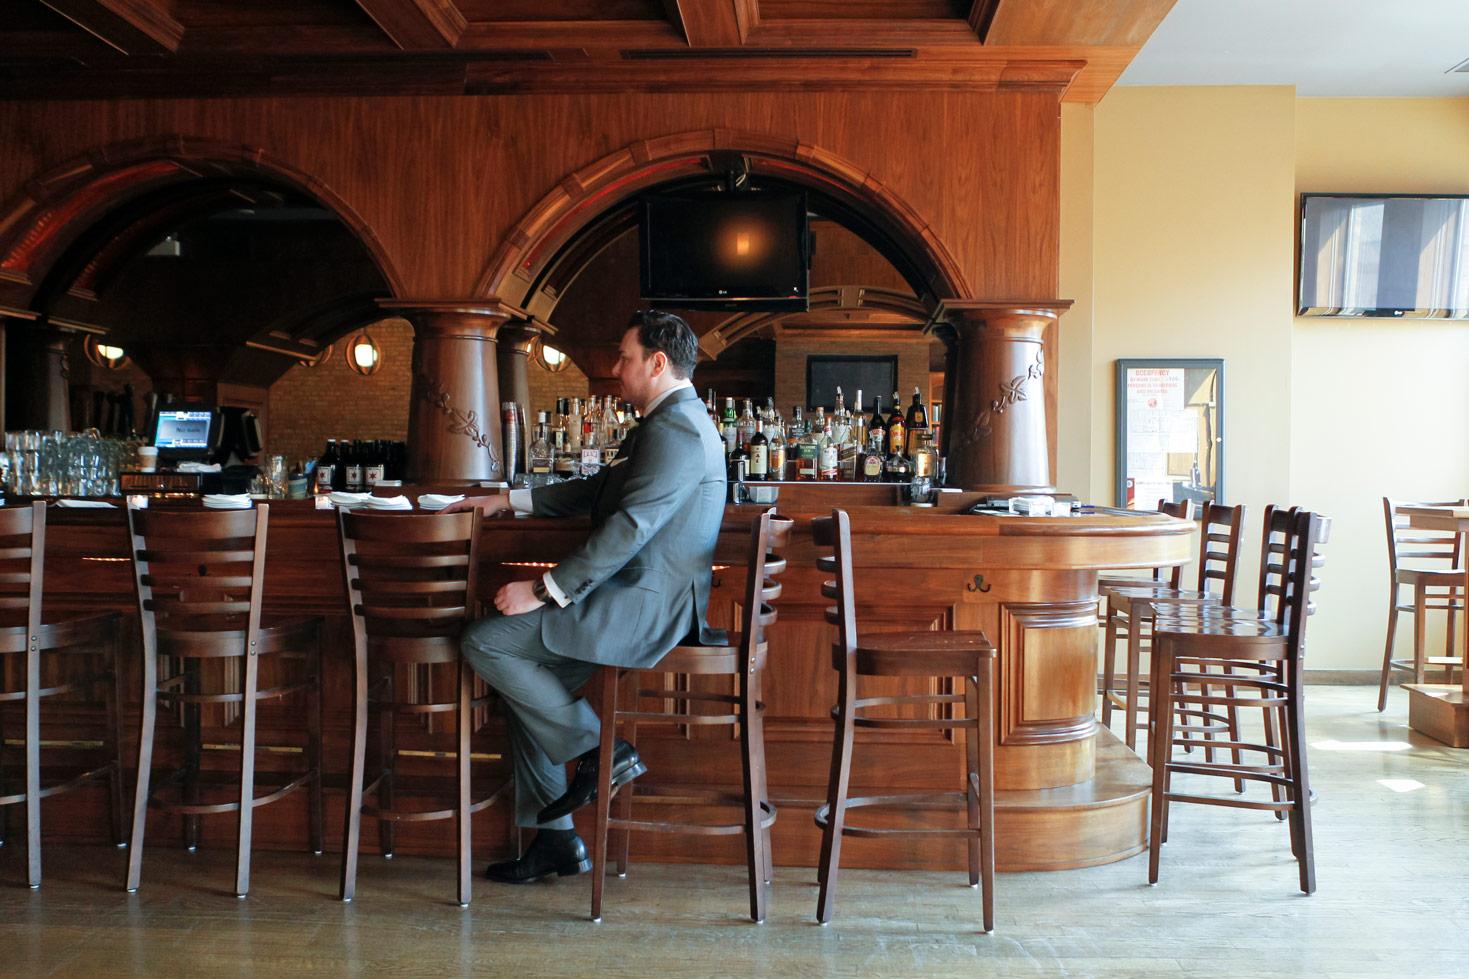 revolution-brewing-chicago-blackhawks-wedding-ruthie-hauge-photography-27.jpg